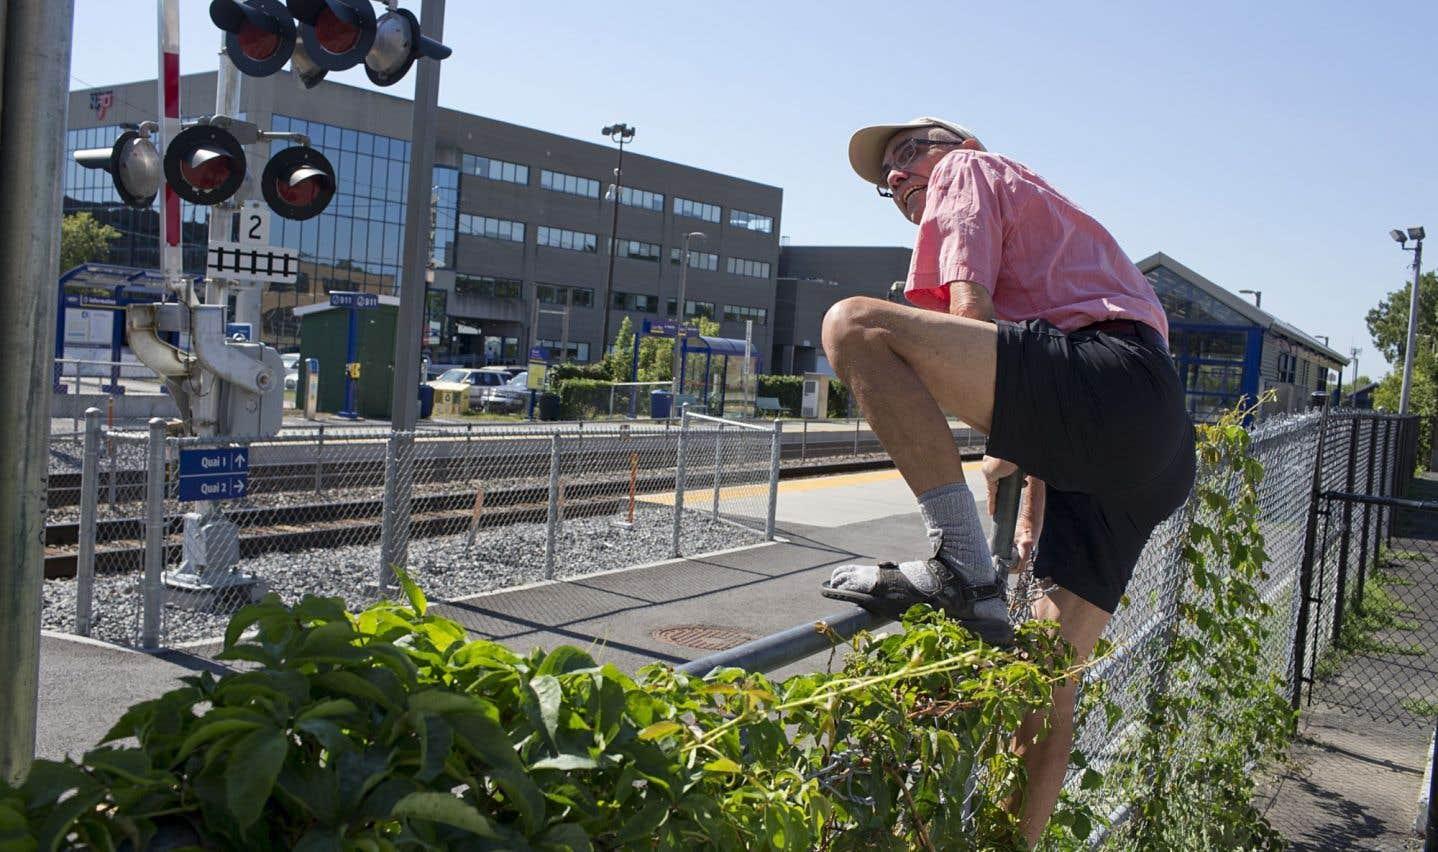 Chaque jour, des Montréalais traversent à leurs risques et périls la voie ferrée qui scinde les quartiers Villeray et Parc-Extension dans le secteur de la rue Ogilvy, faute d'un passage à niveau aménagé.